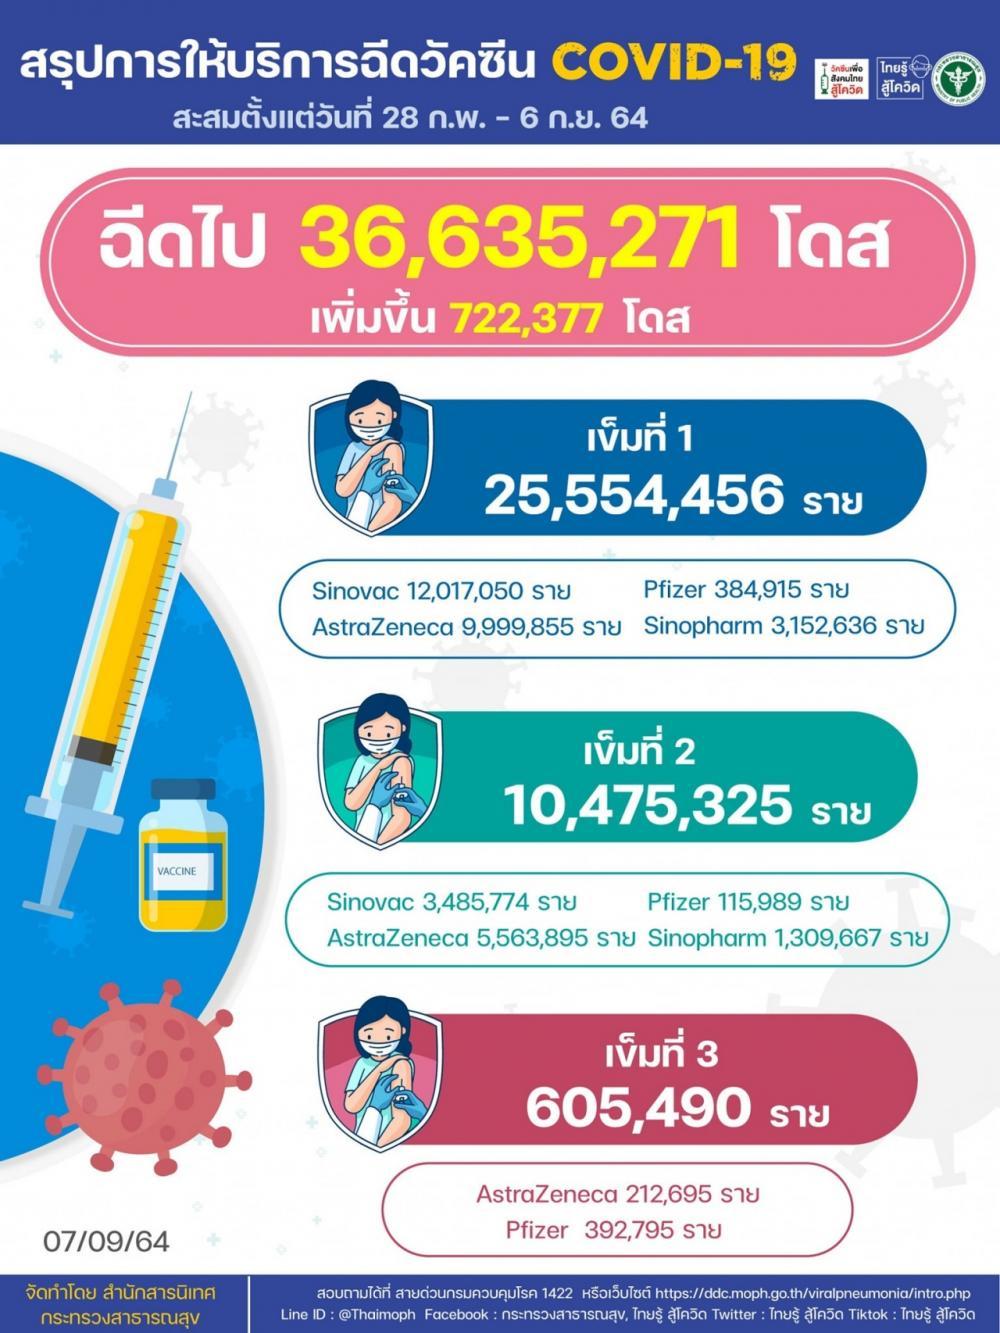 ฉีดวัคซีนเพิ่ม 7.2 แสนโดส ยอดสะสมรวม 36 ล้านโดส รับครบ 2 เข็ม 10 ล้านราย